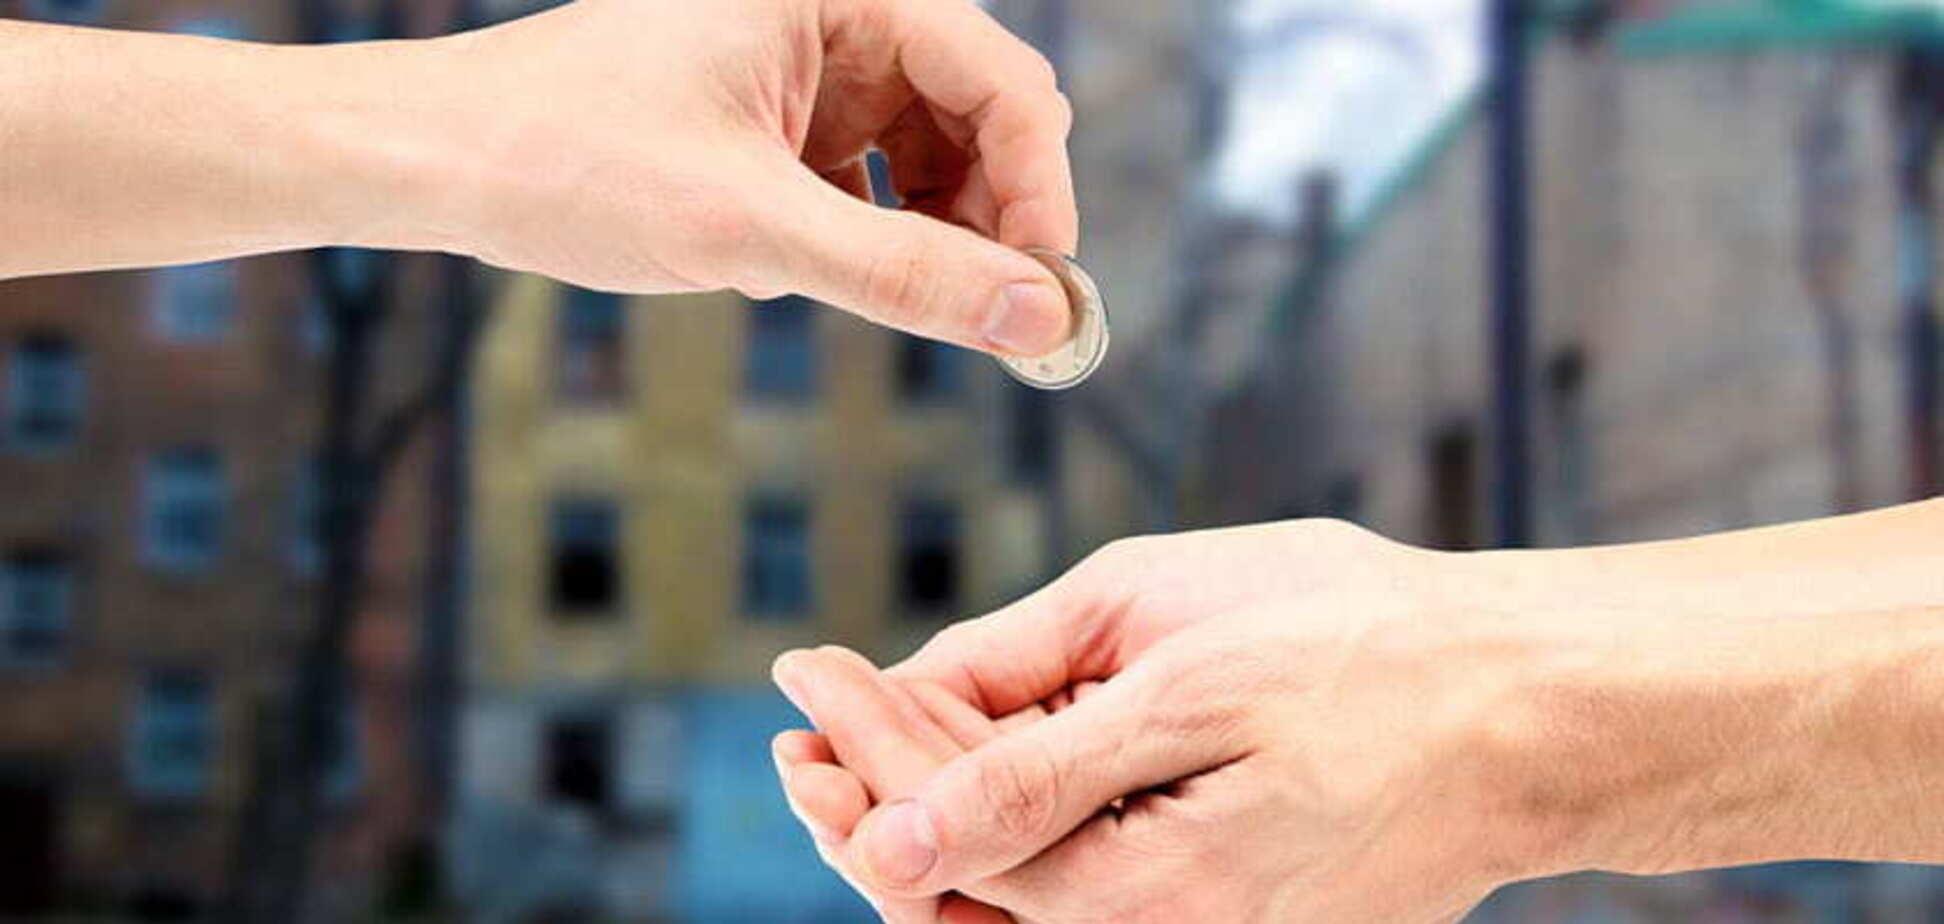 Активно жертвовать — это значит перечислять хотя бы 20 грн в месяц